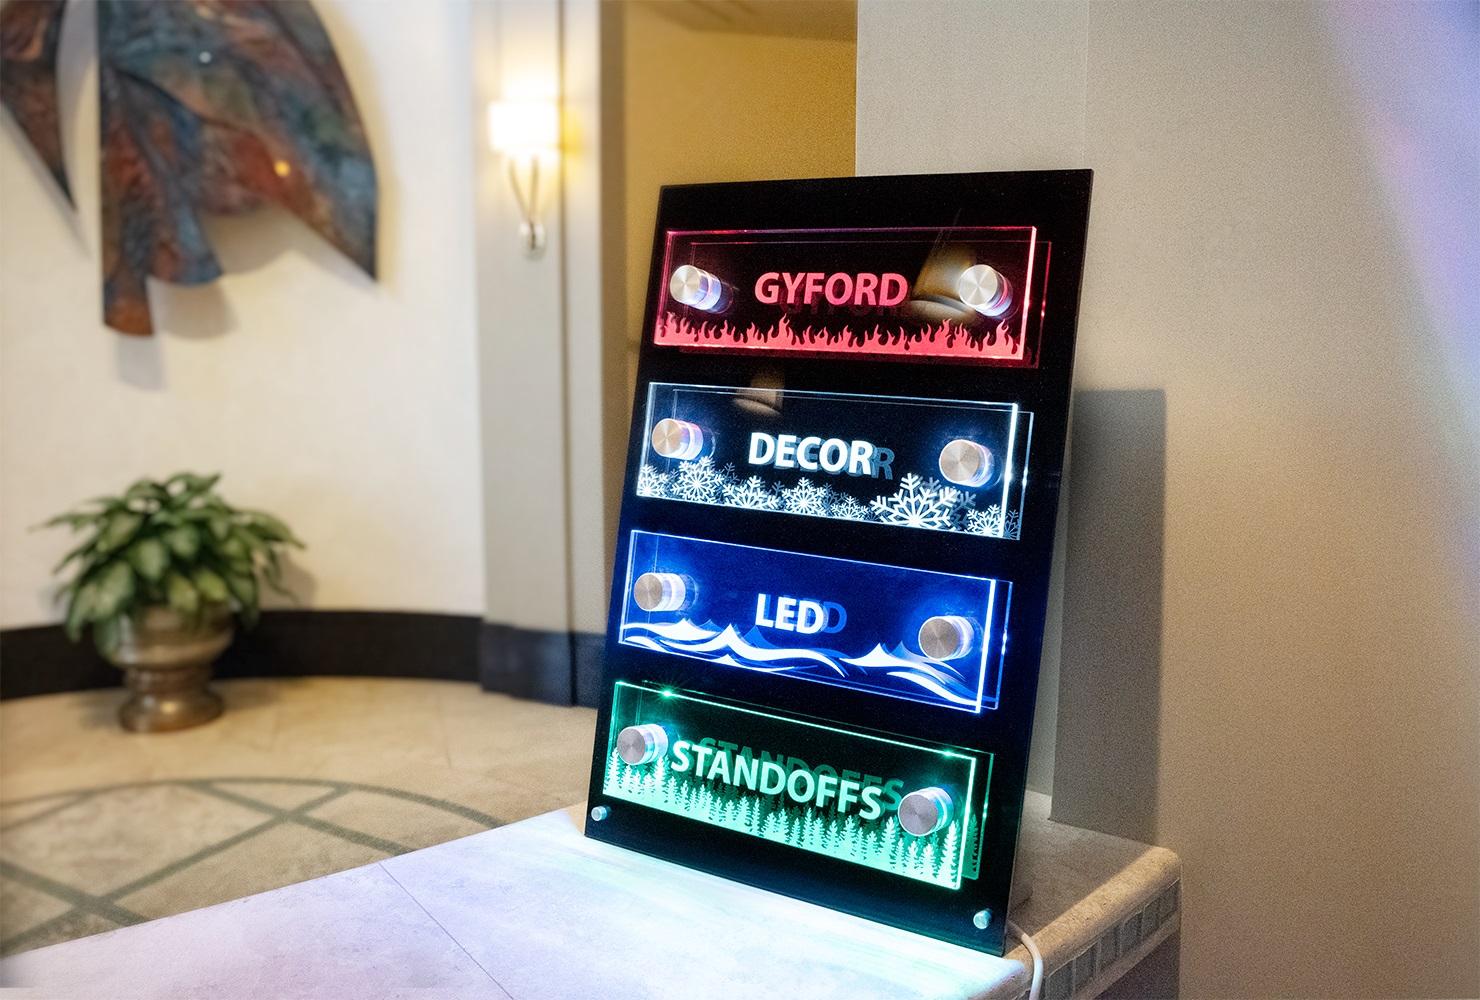 LED Tabletop Demo Display